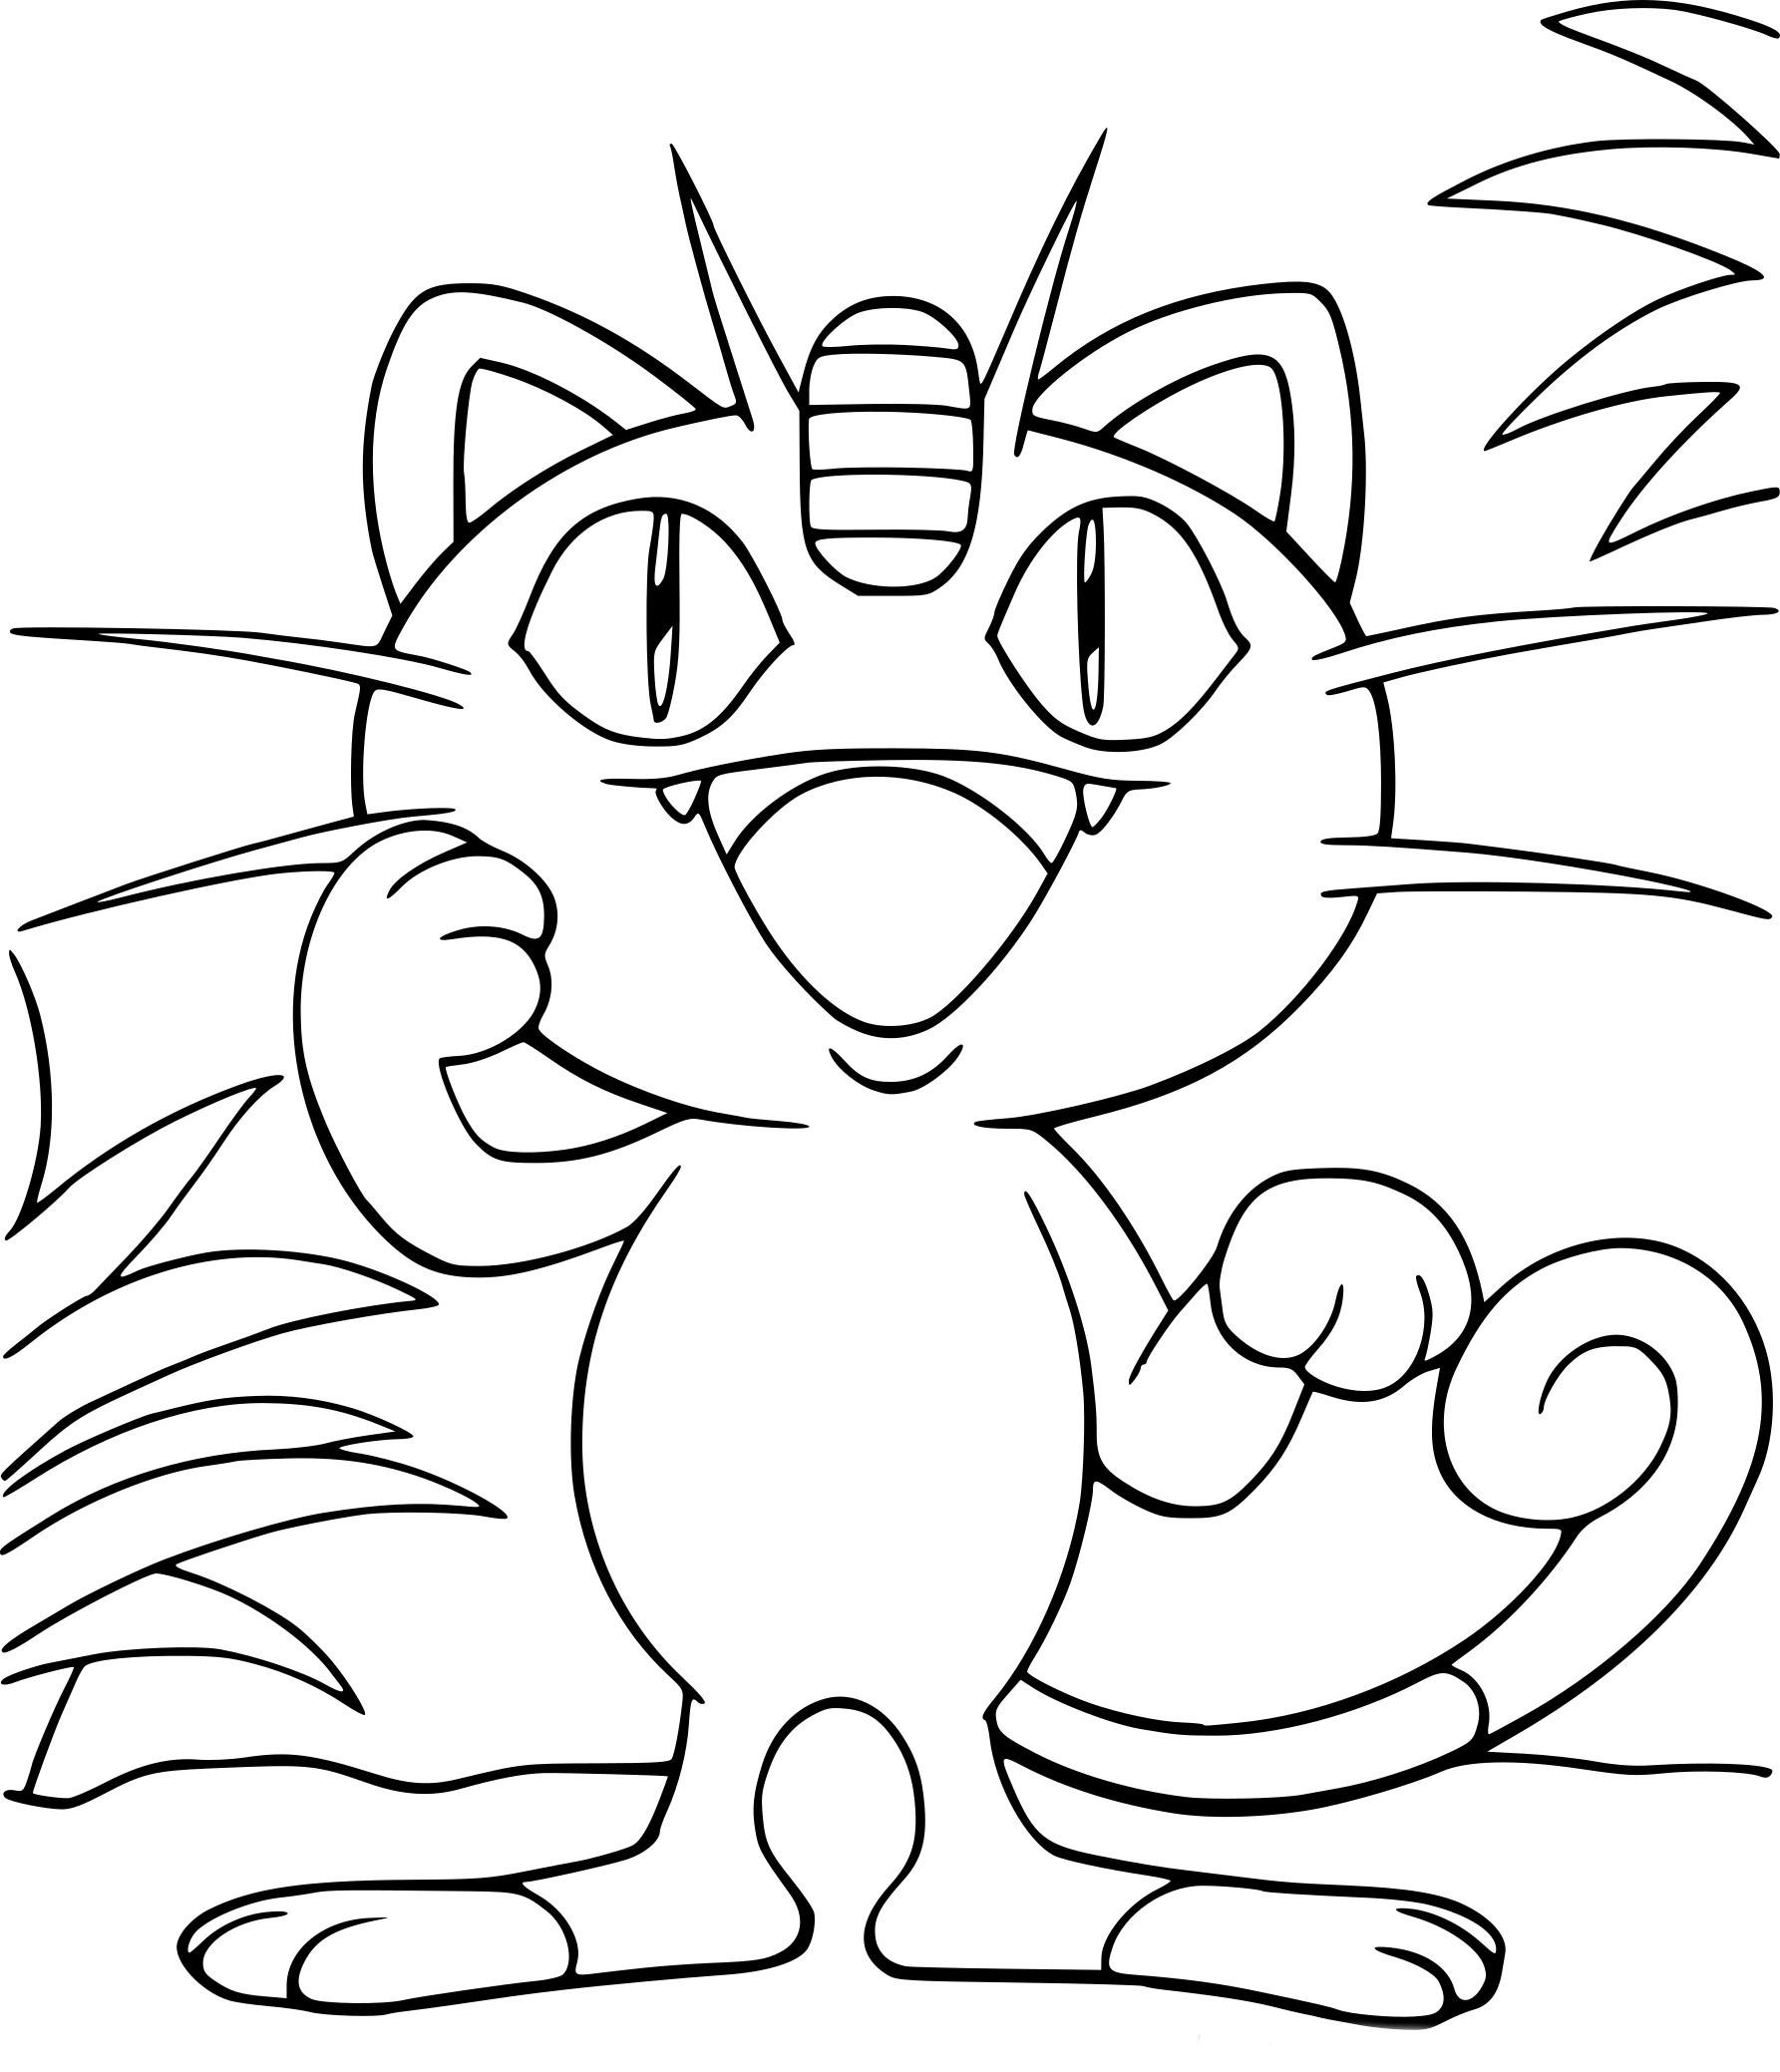 Coloriage Miaouss Pokemon 224 Imprimer